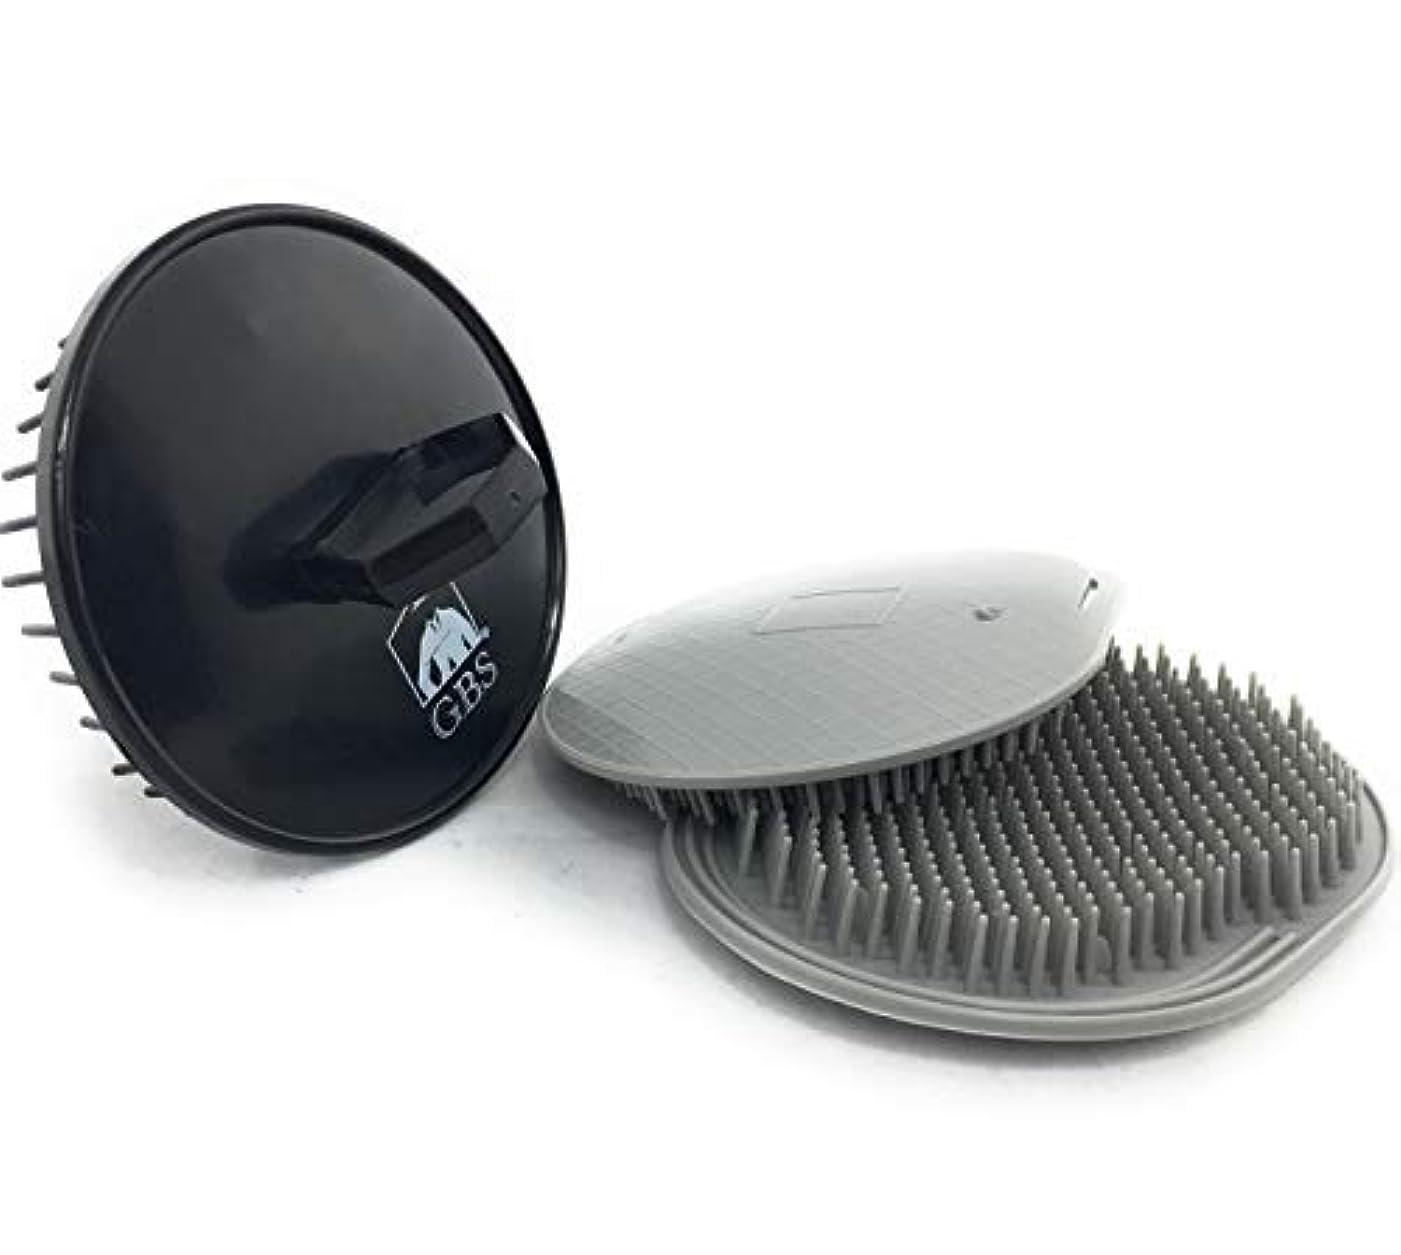 後ろ、背後、背面(部エキサイティング前売GBS Soft Pocket Palm Brush. Massage and Head Scratcher. Made In USA 2-Pack - Gray Plus 1 Black Shampoo Brush - Head Scrubber Promotes for Hair Growth. Multi Use for Women Men Beard and Pet Grooming [並行輸入品]